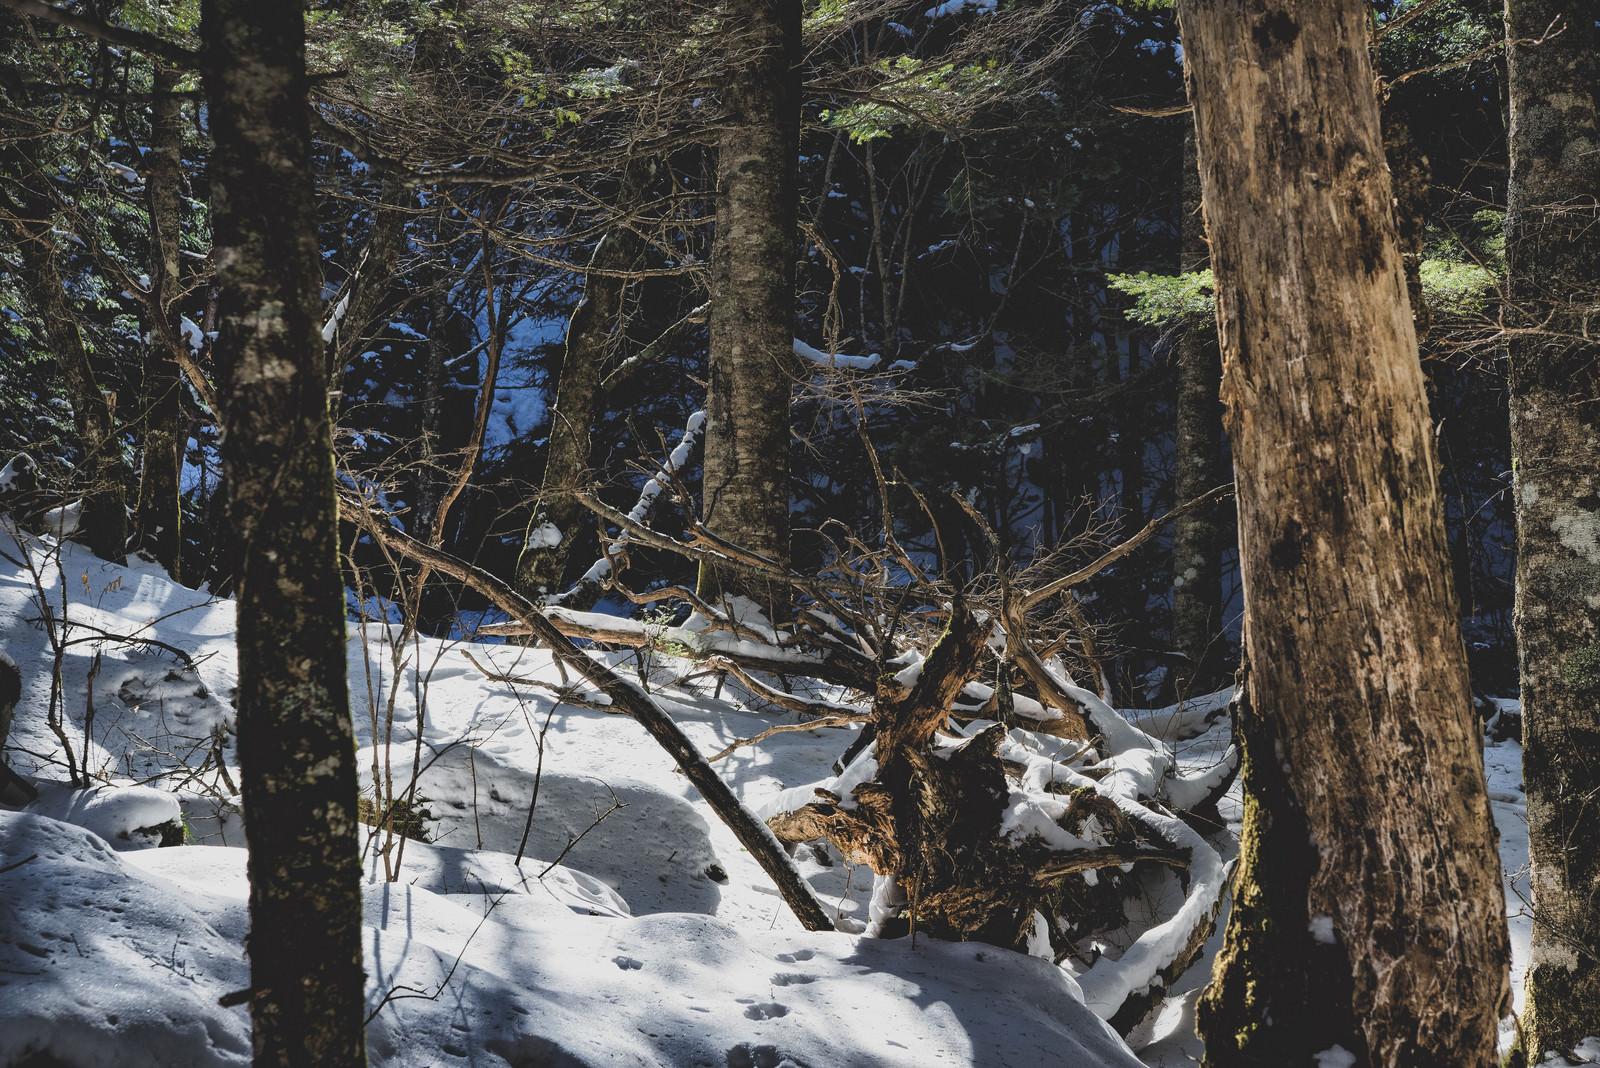 「残雪の森と枯れた木」の写真